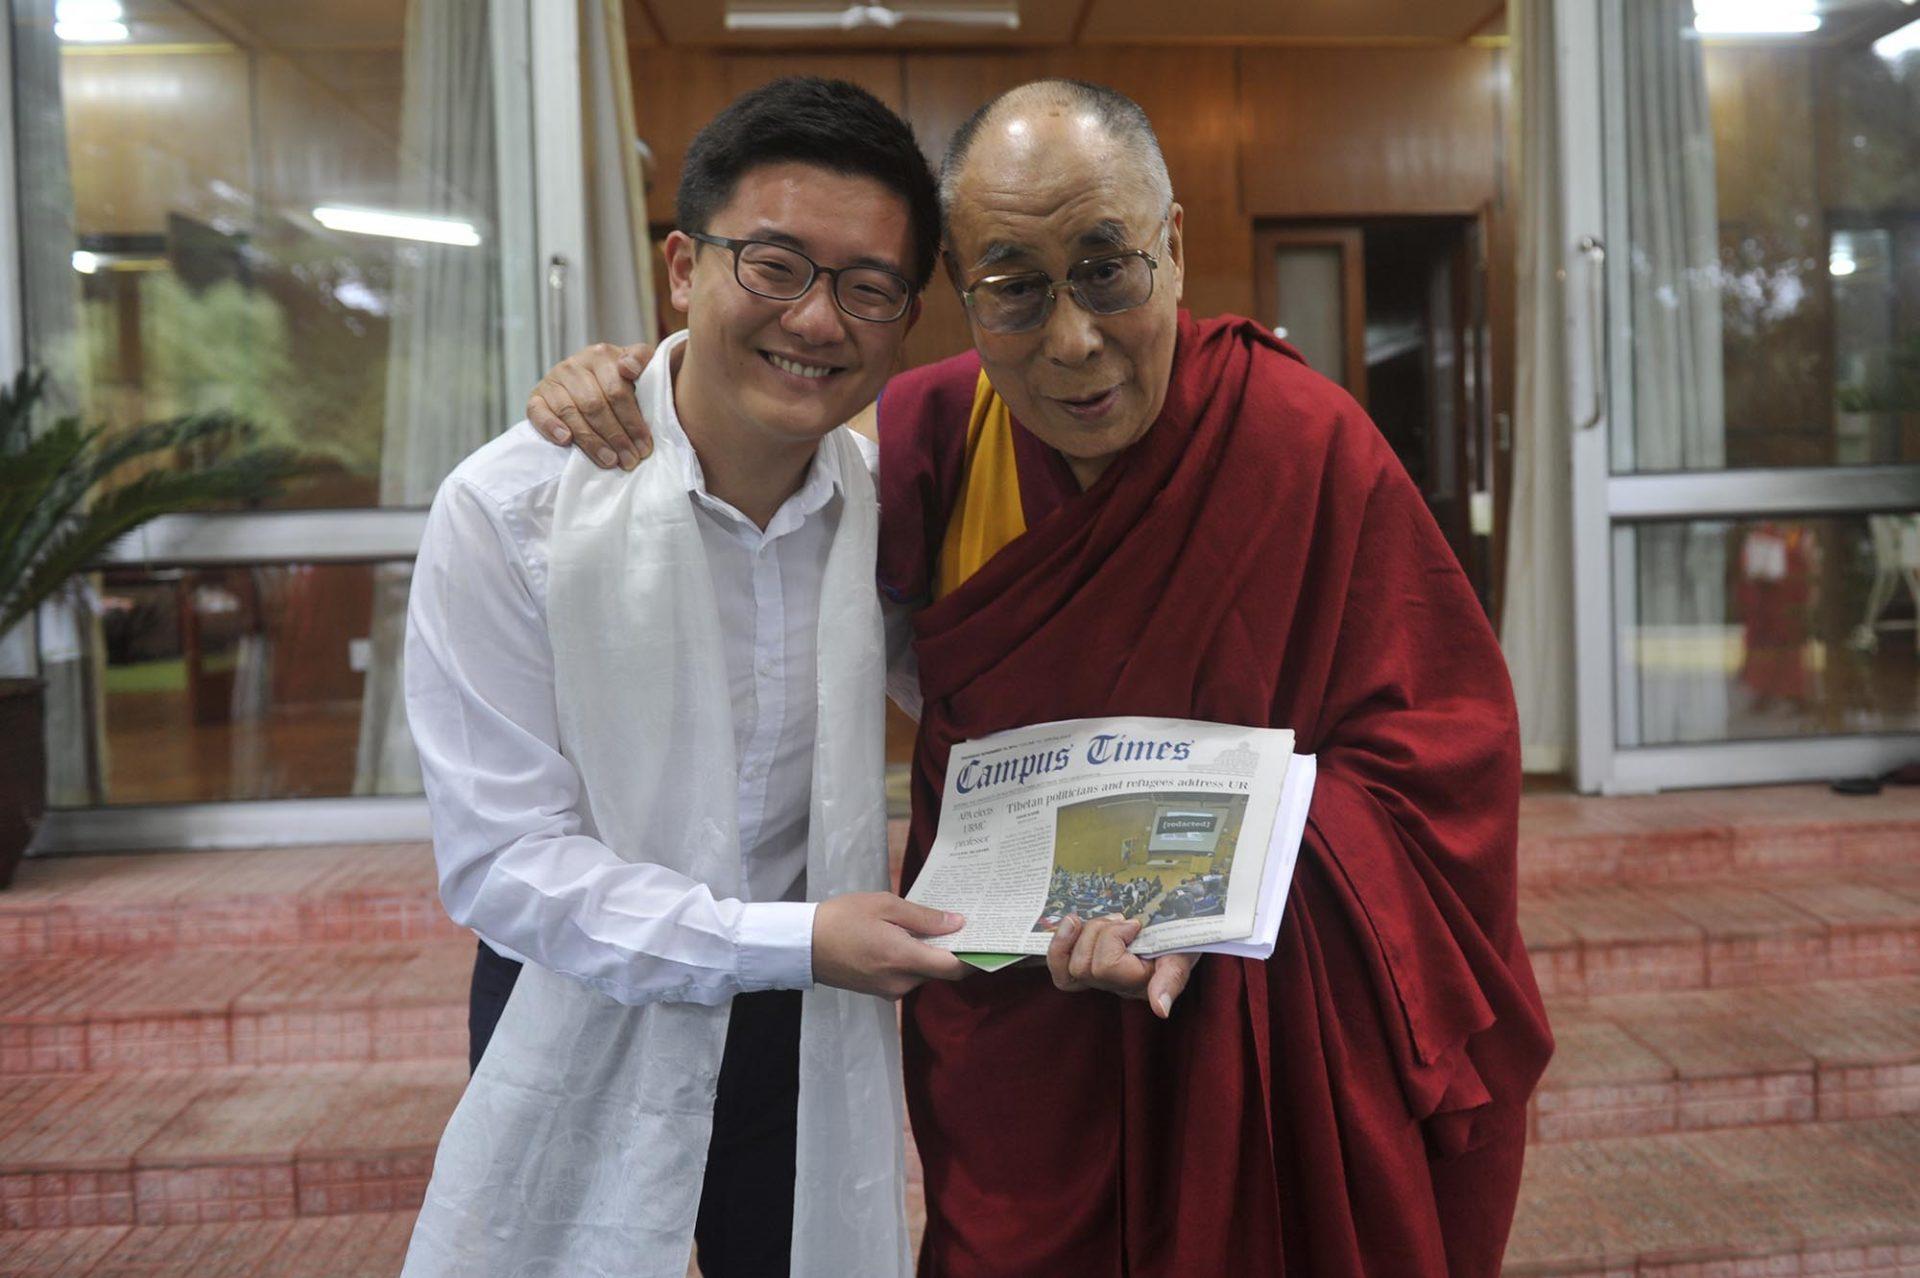 Se Hoon Kim and the Dalai Lama